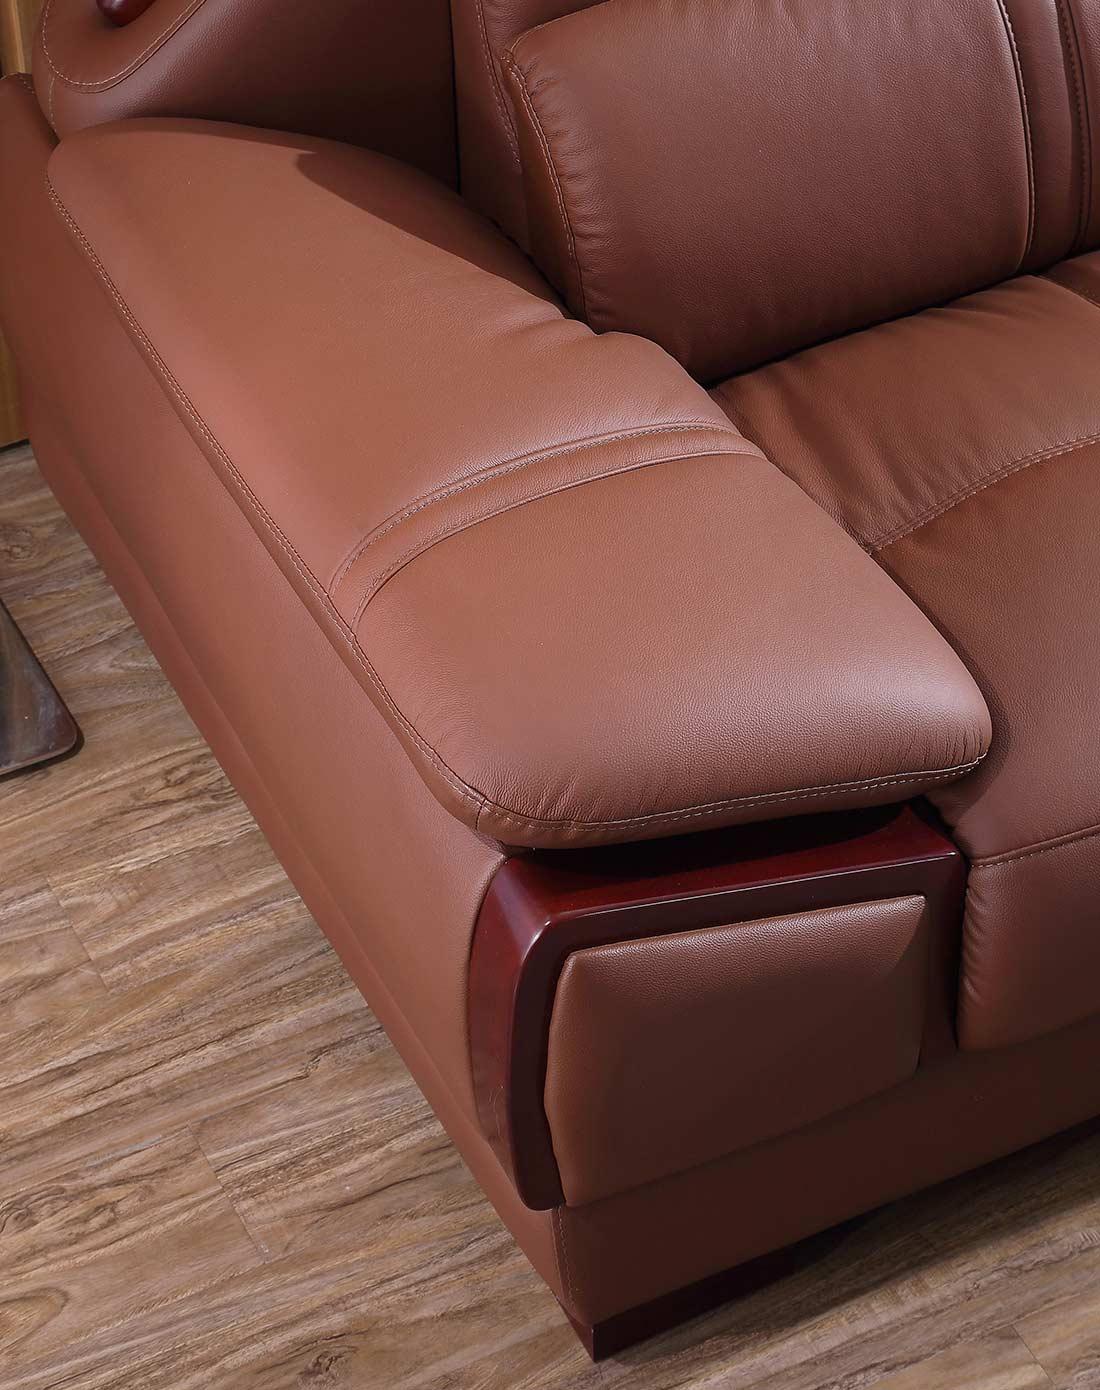 jf家具专场红木镶边 半青皮客厅沙发jf5883_唯品会